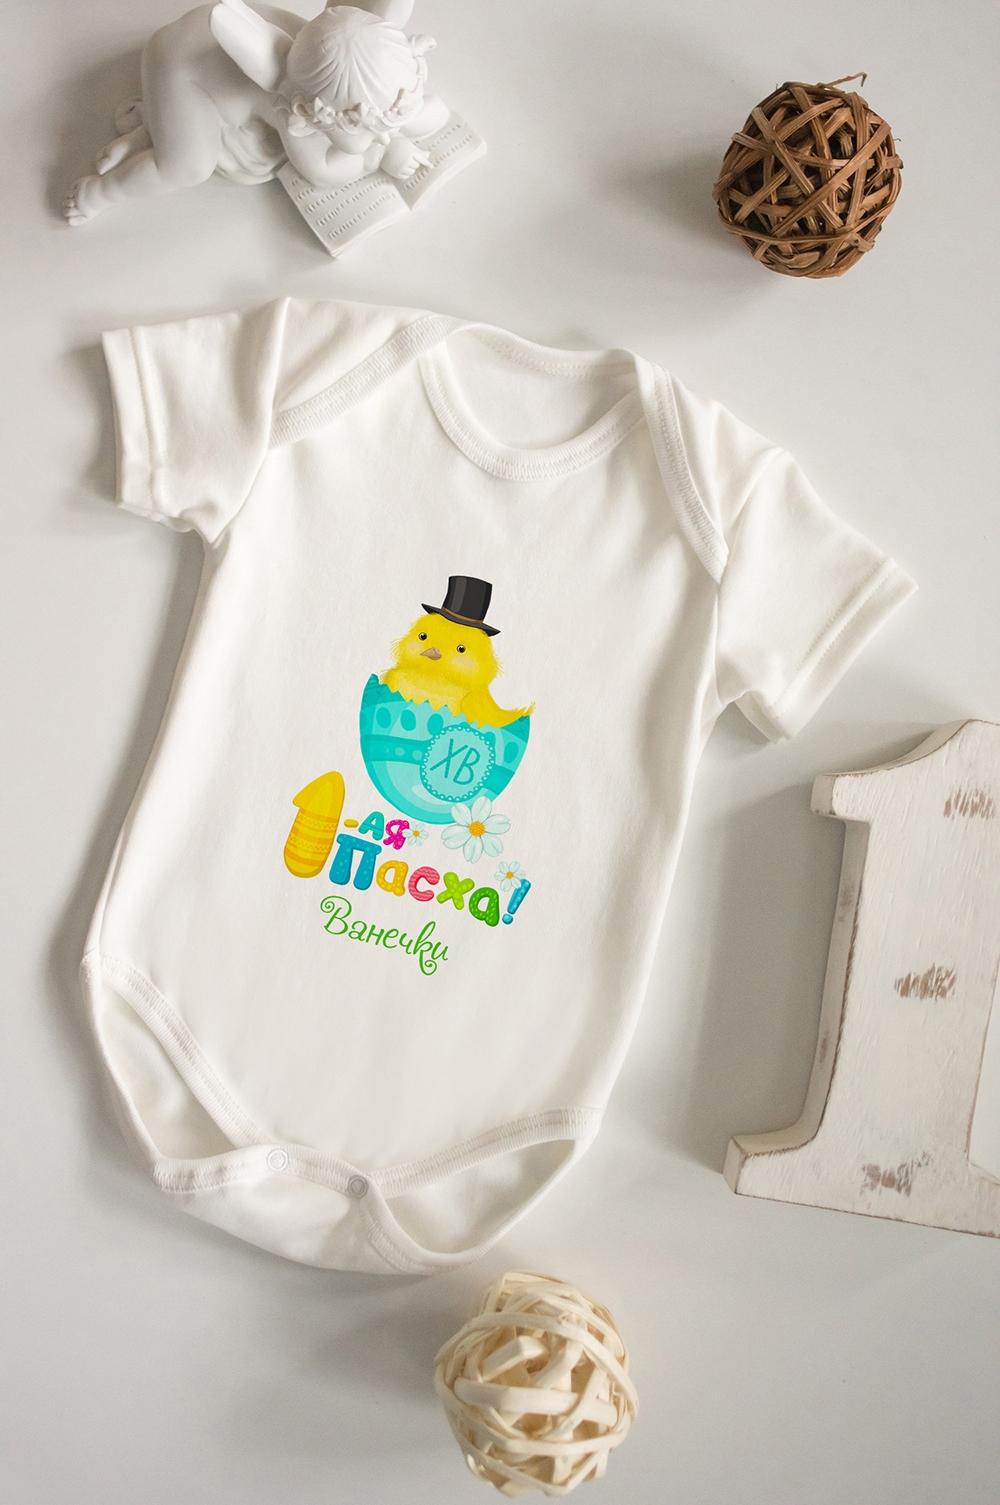 Боди для малыша с вашим текстом Новая жизньПерсональные подарки с Вашим именем<br>100% хлопок, бежевое, с нанесением текста<br>